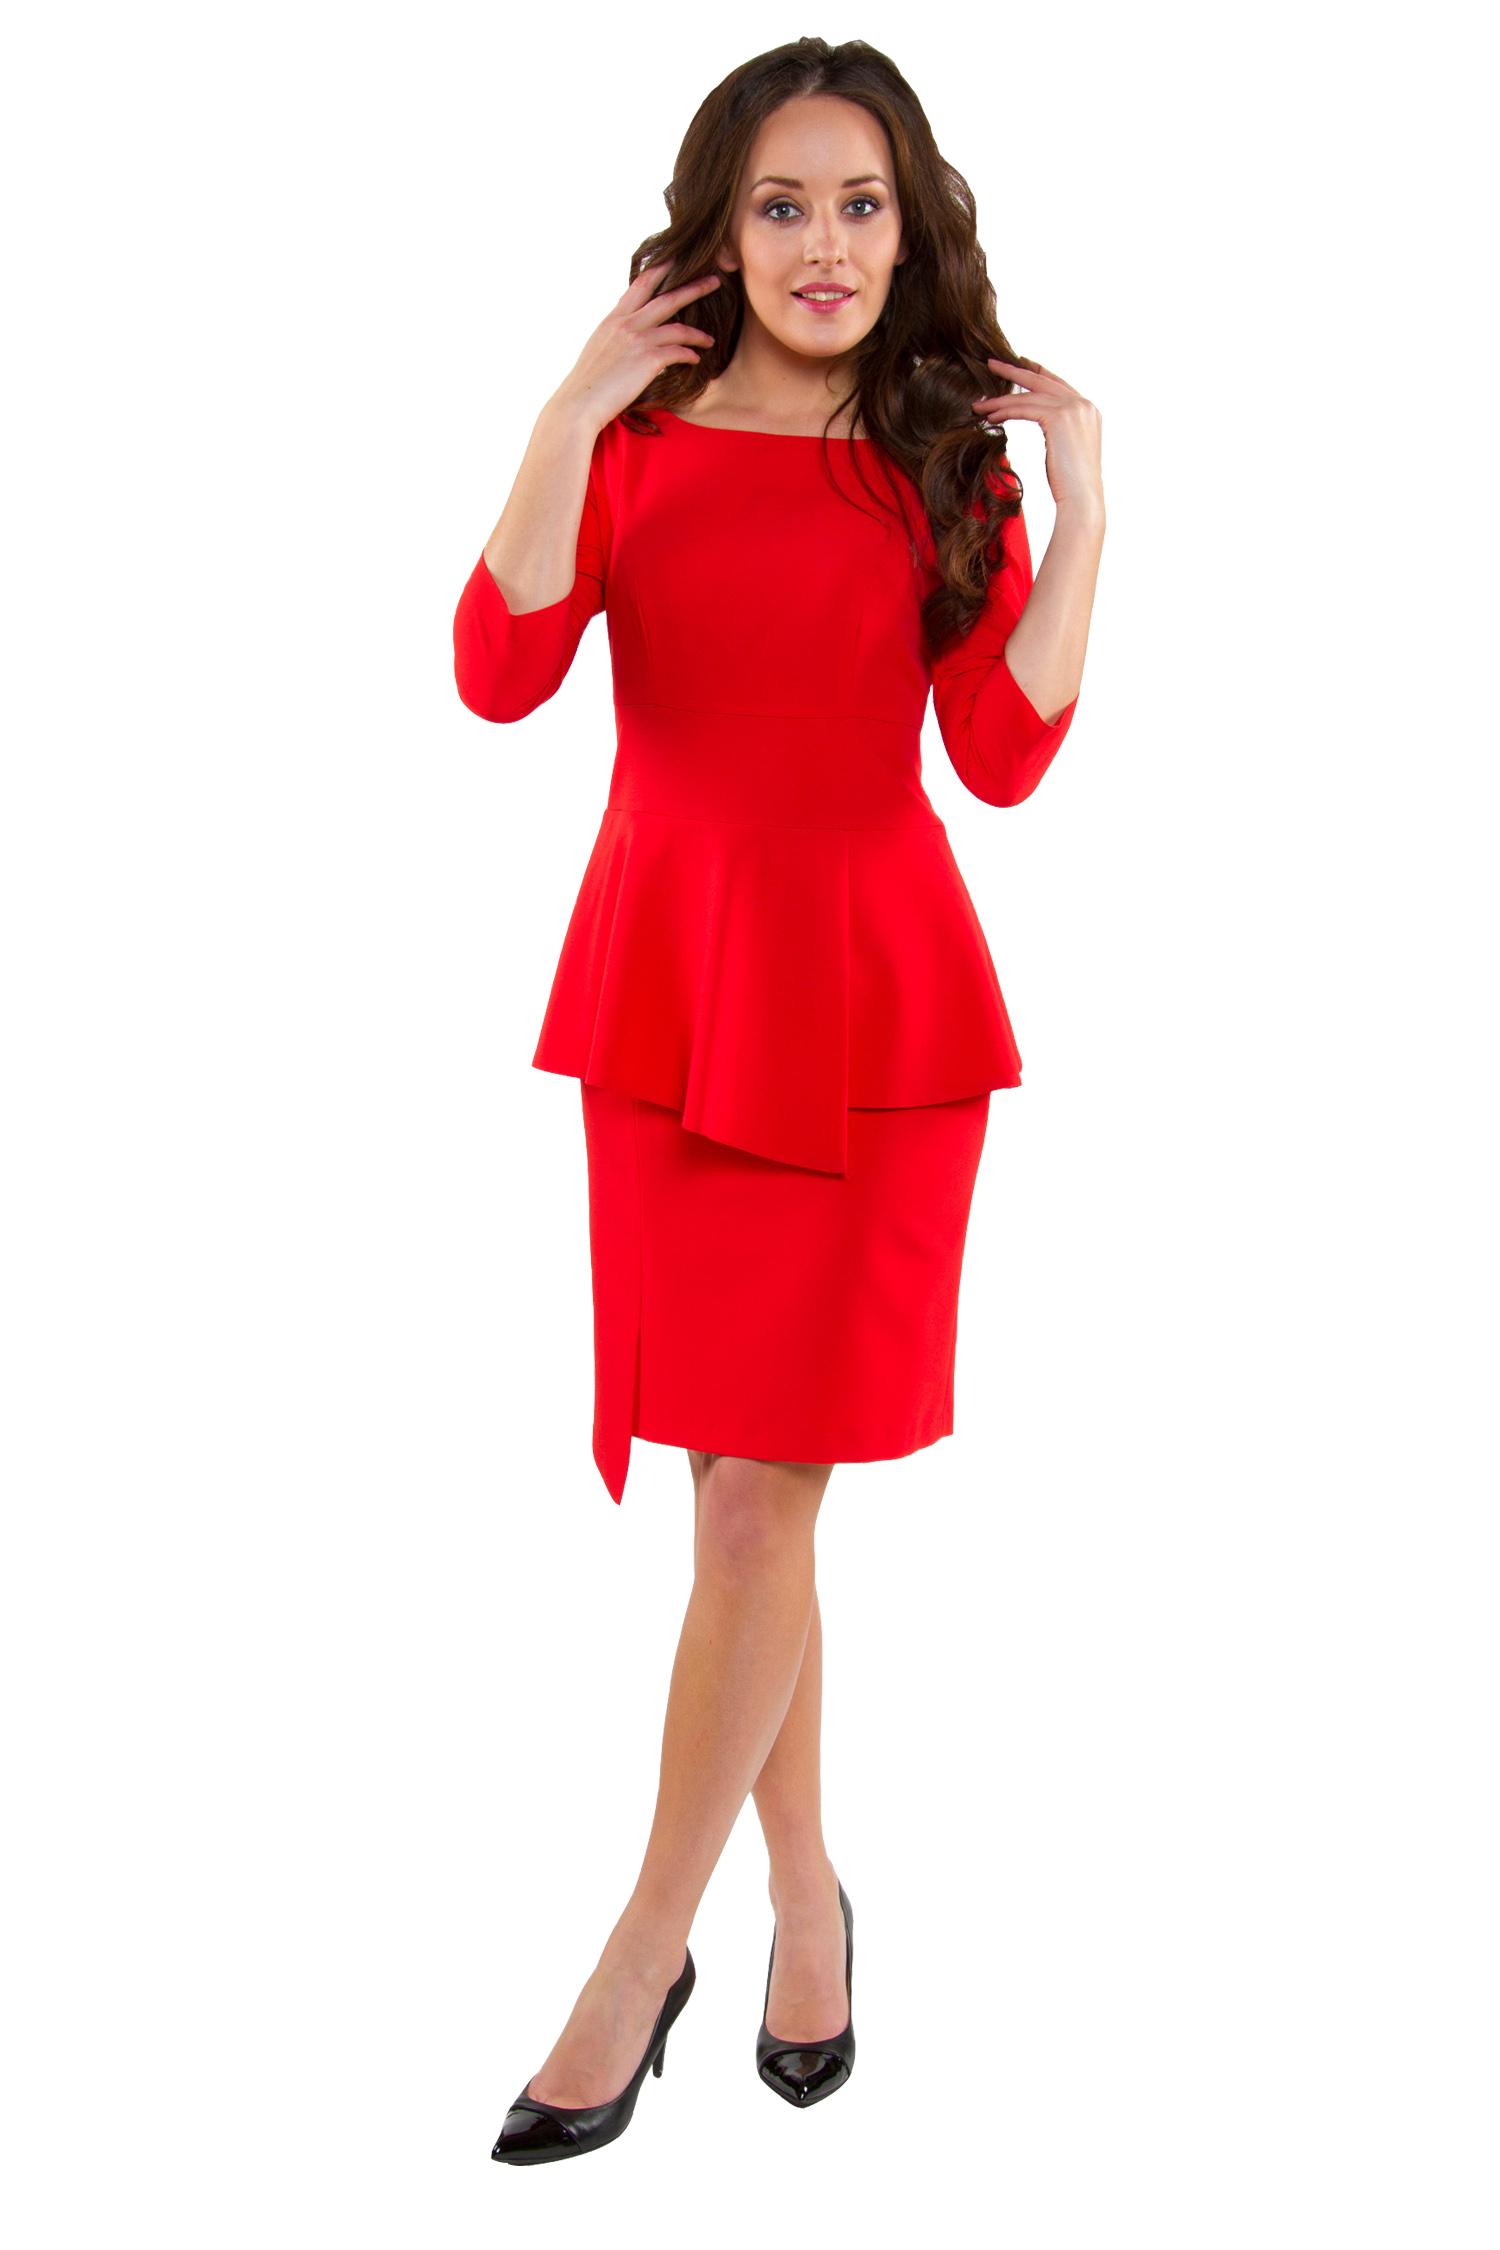 OKAZJA !! !! !! !!Sukienka baskinka czerwona 52 7389166897